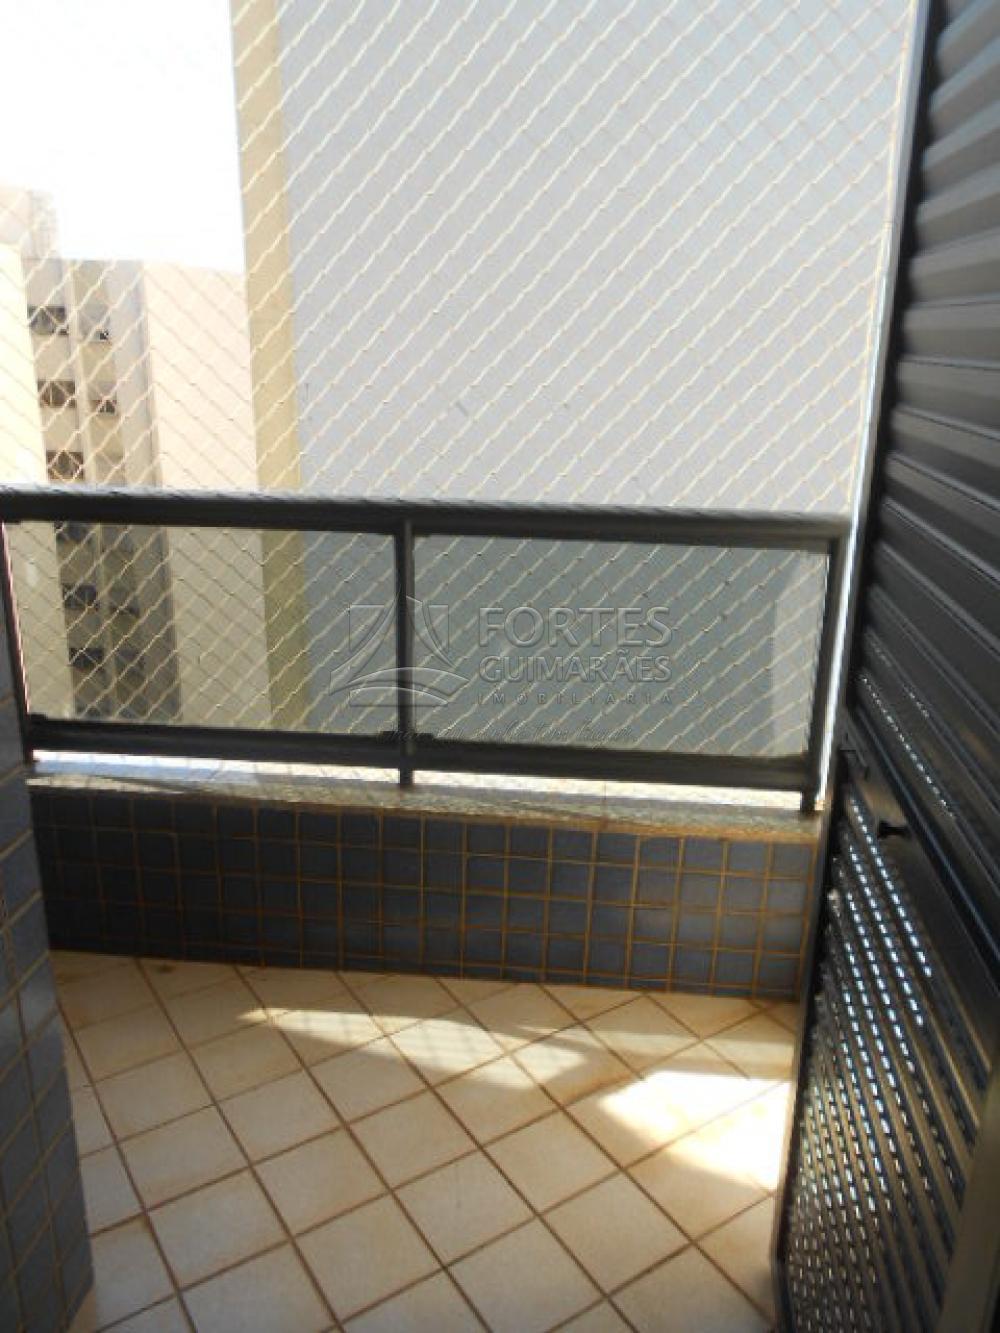 Alugar Apartamentos / Padrão em Ribeirão Preto apenas R$ 1.100,00 - Foto 28